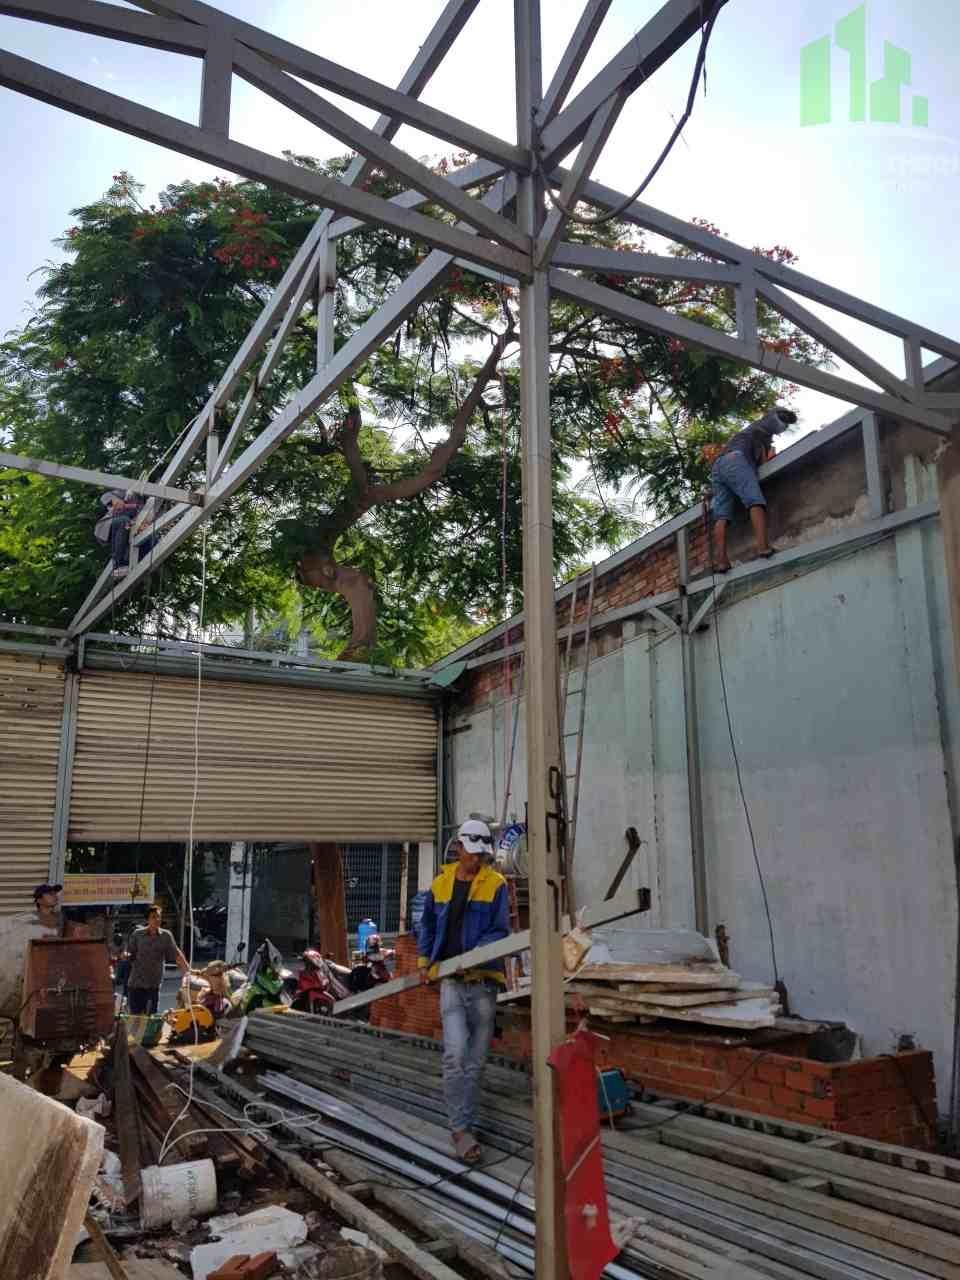 6 điều quan trọng cần lưu ý khi thi công xây nhà và sửa chữa nhà vào mùa mưa bão